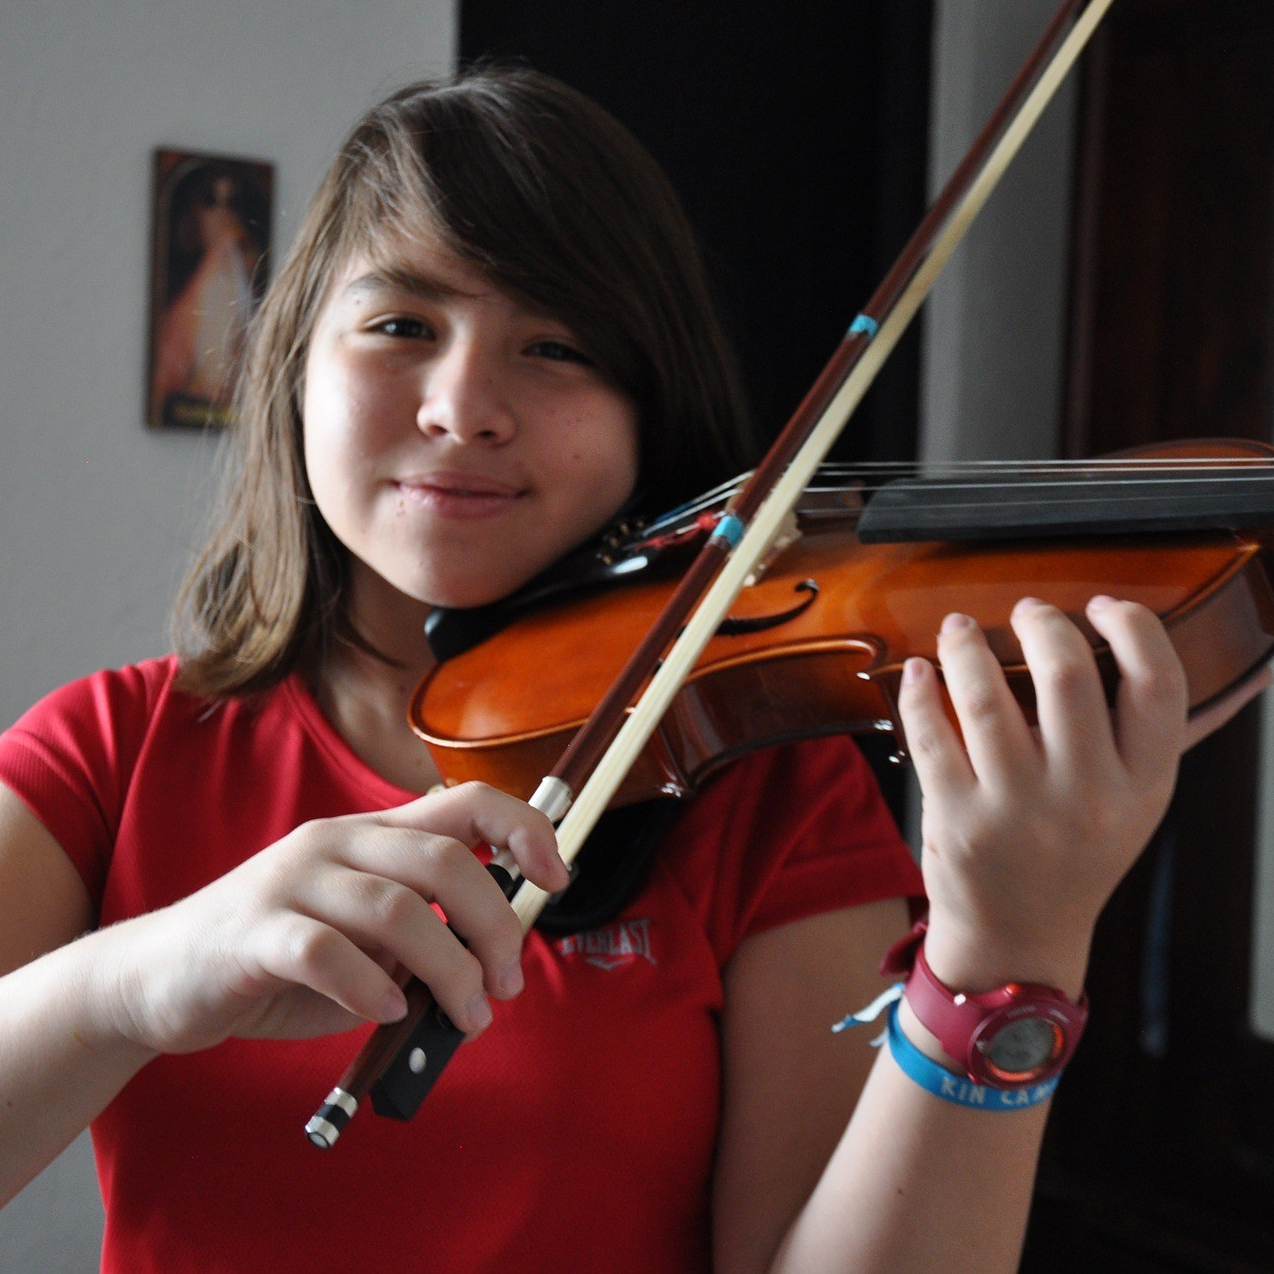 Escena de clases de música para niños